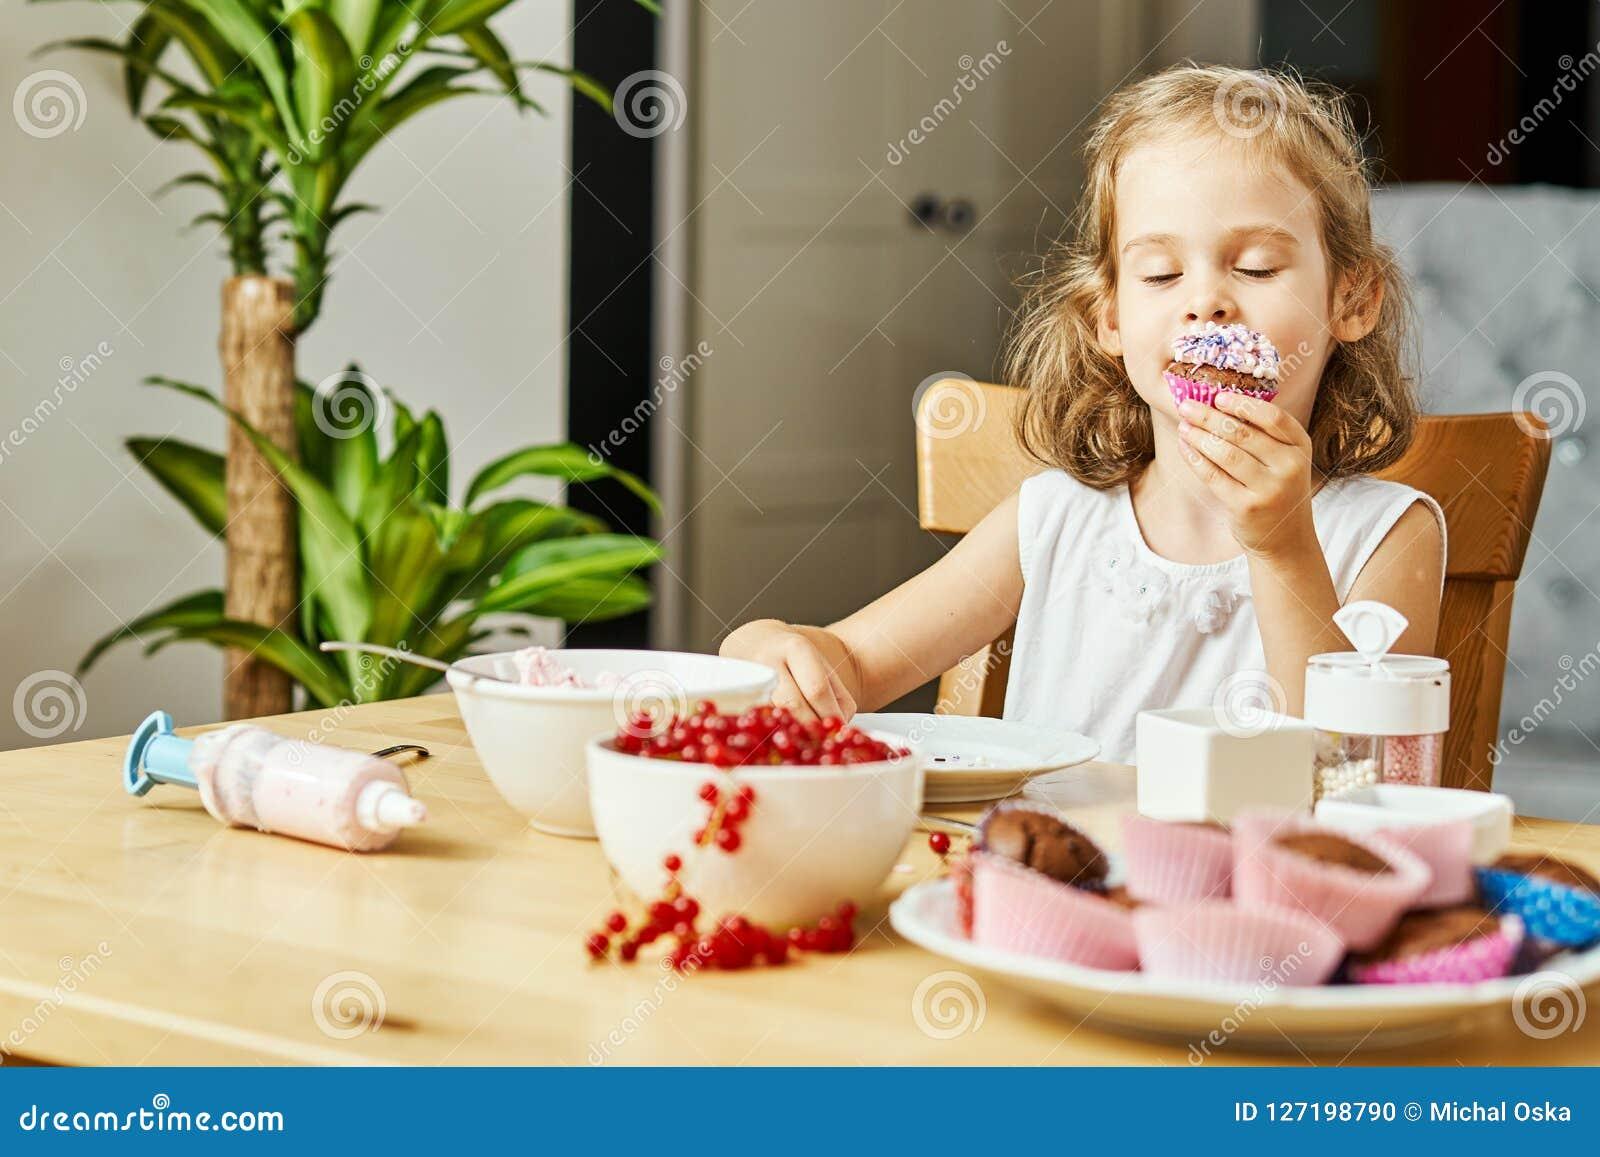 Очень вкусная девушка, фото большой попки в сперме